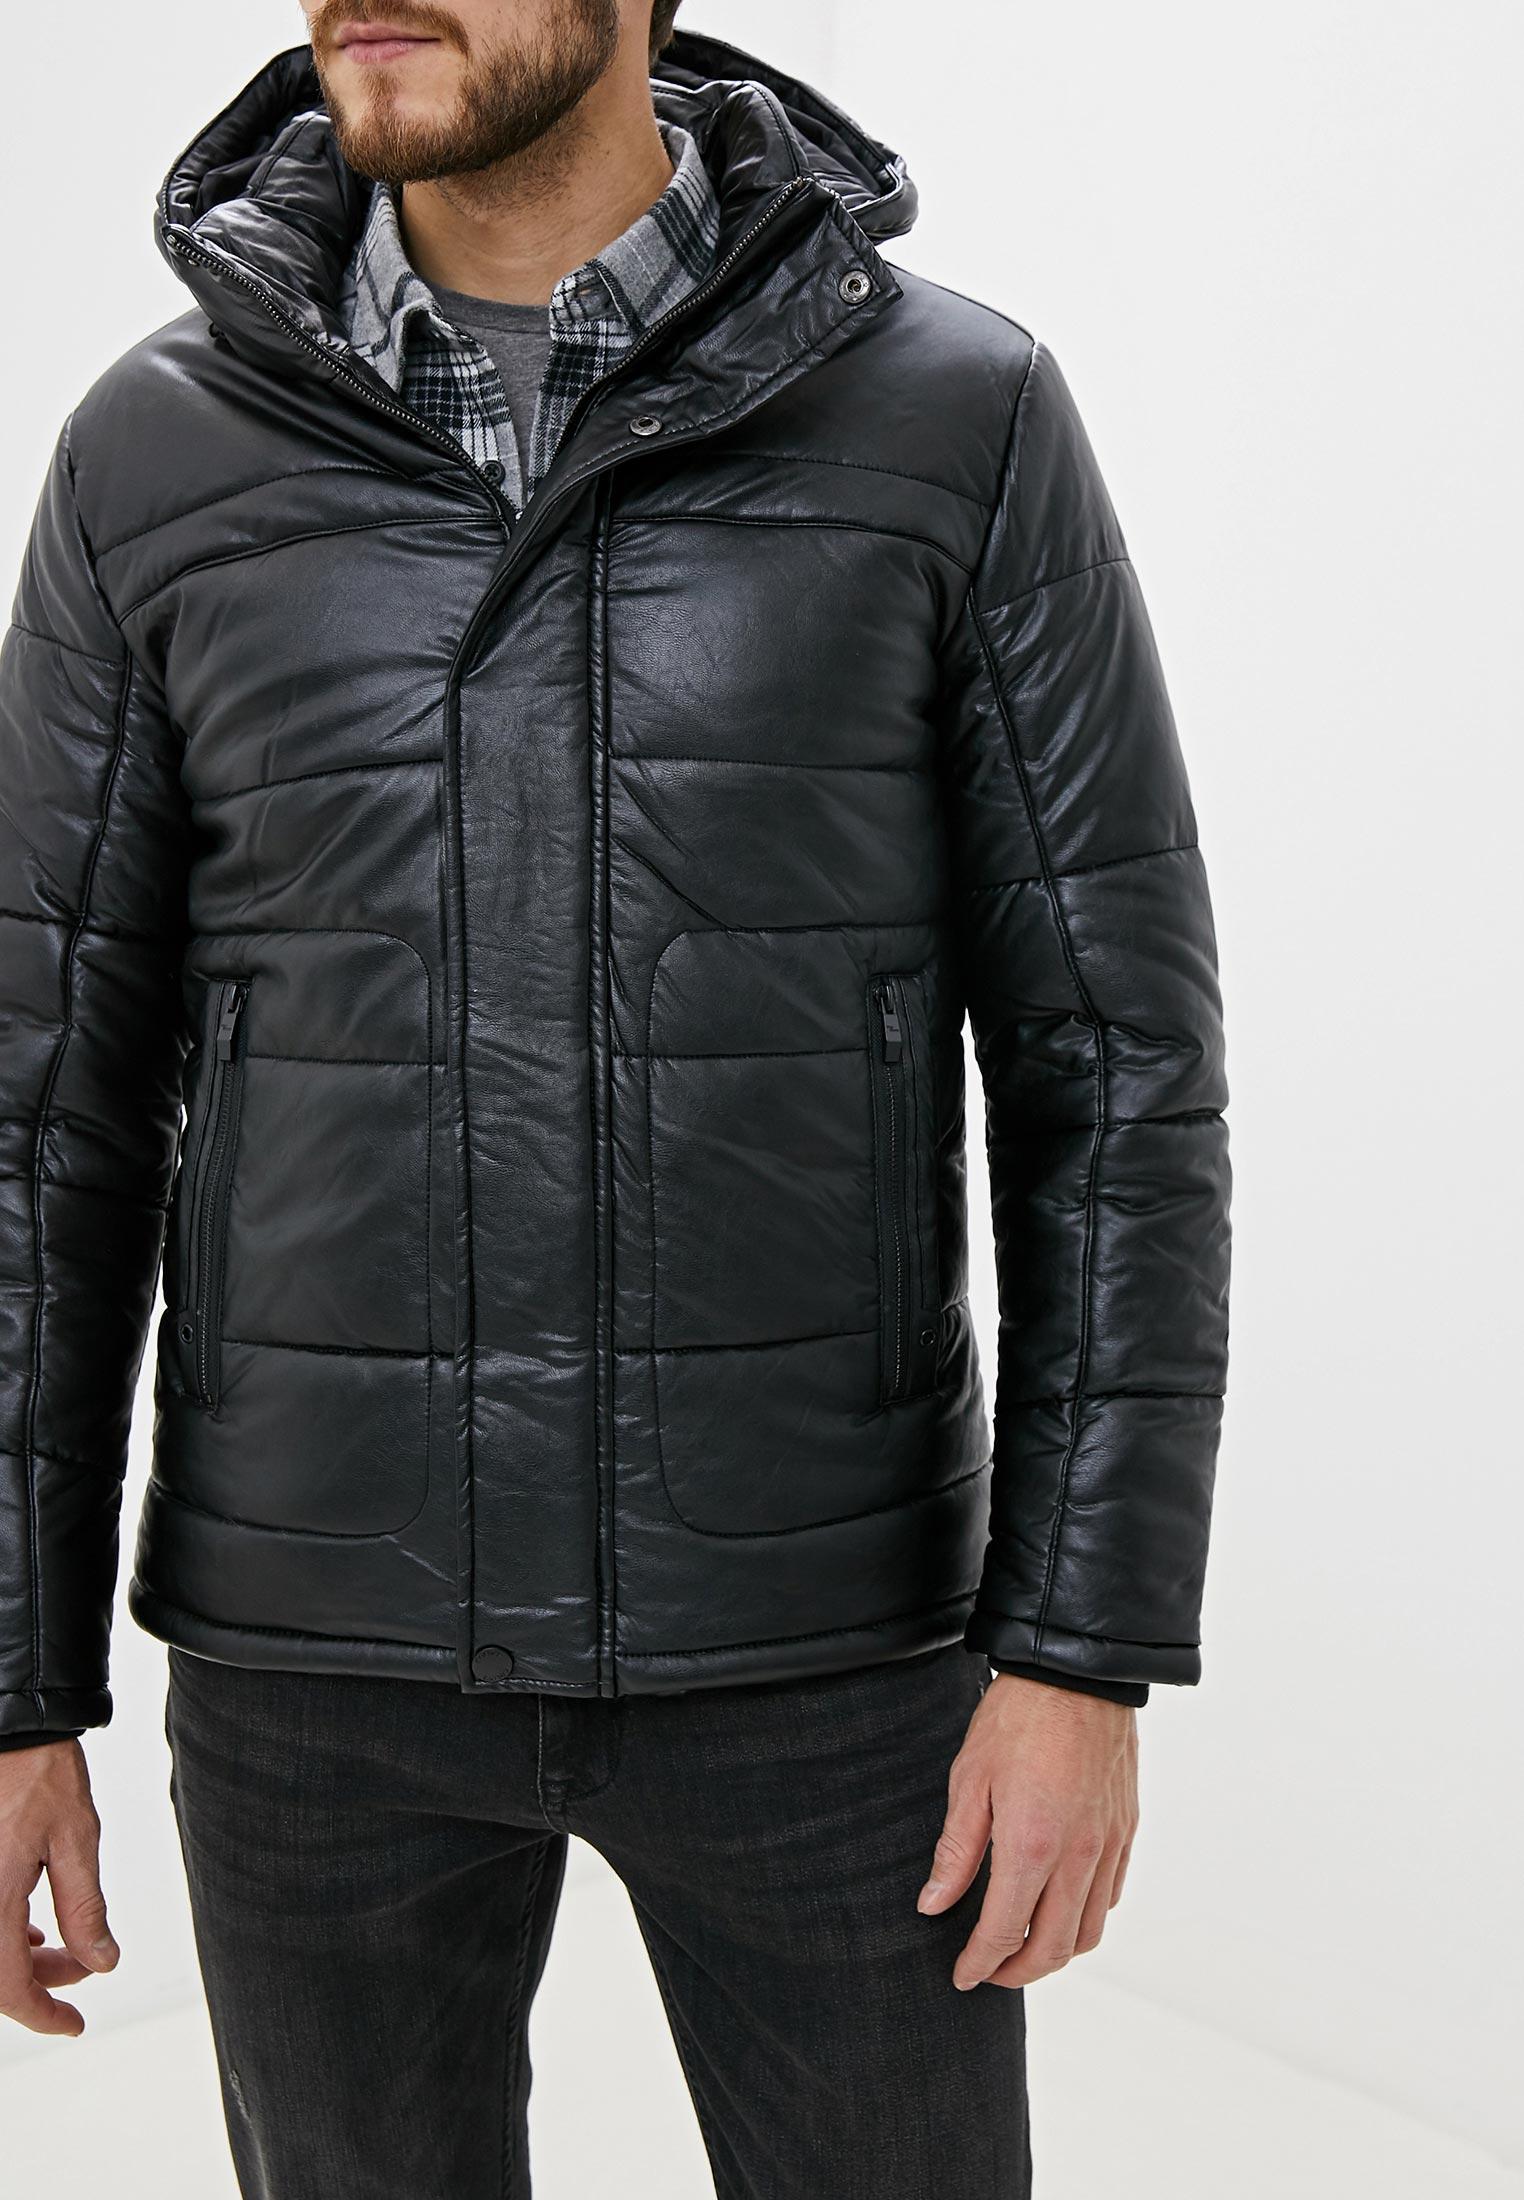 Куртка утепленная, Colin's, цвет: черный. Артикул: MP002XM07WNP. Одежда / Верхняя одежда / Кожаные куртки